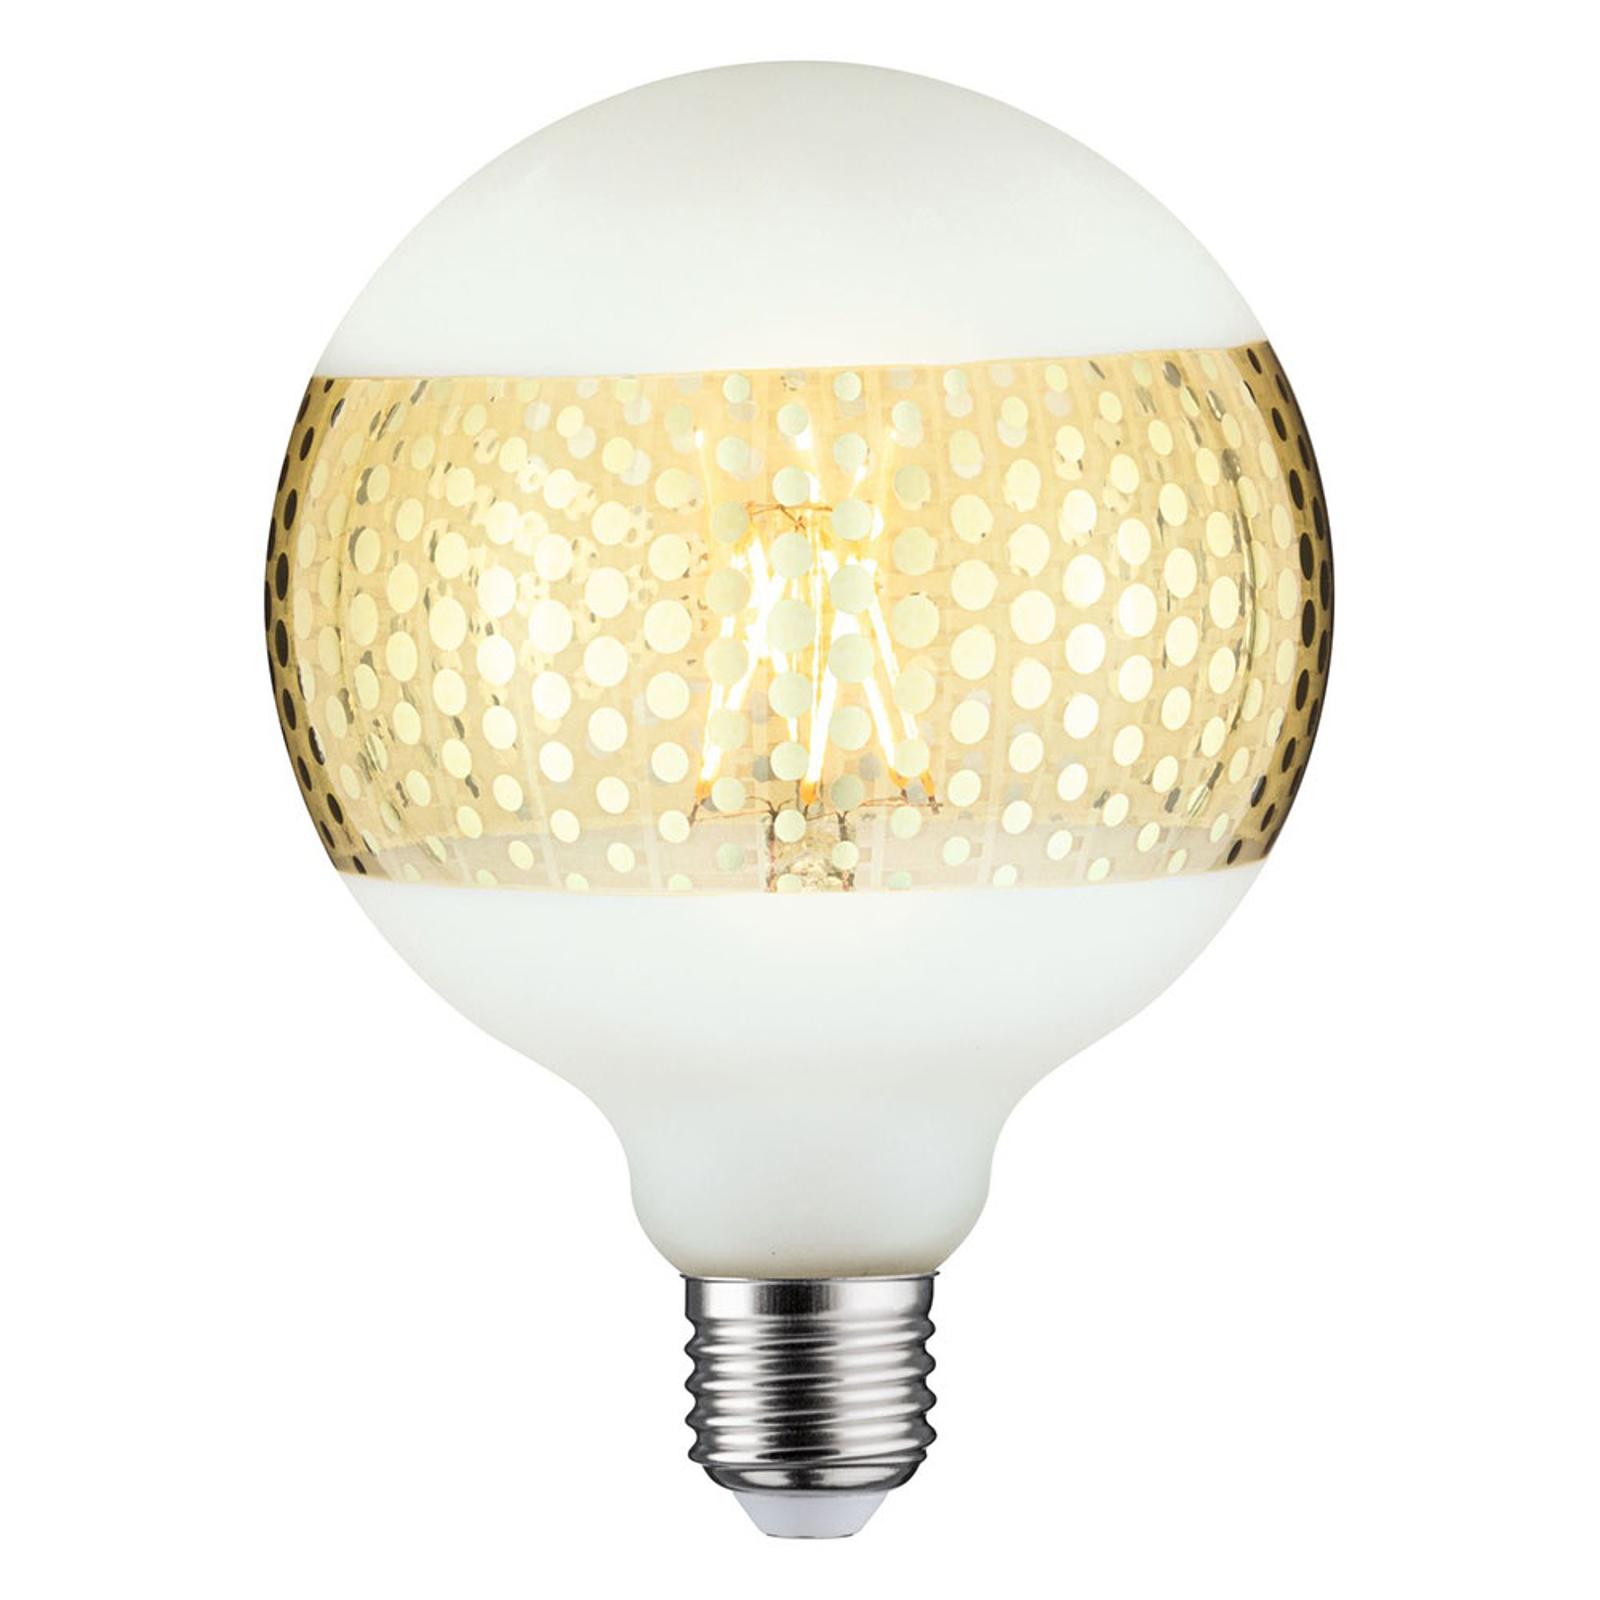 Paulmann E27 LED-Globe 4,5W Ringspiegel Gold Punkt